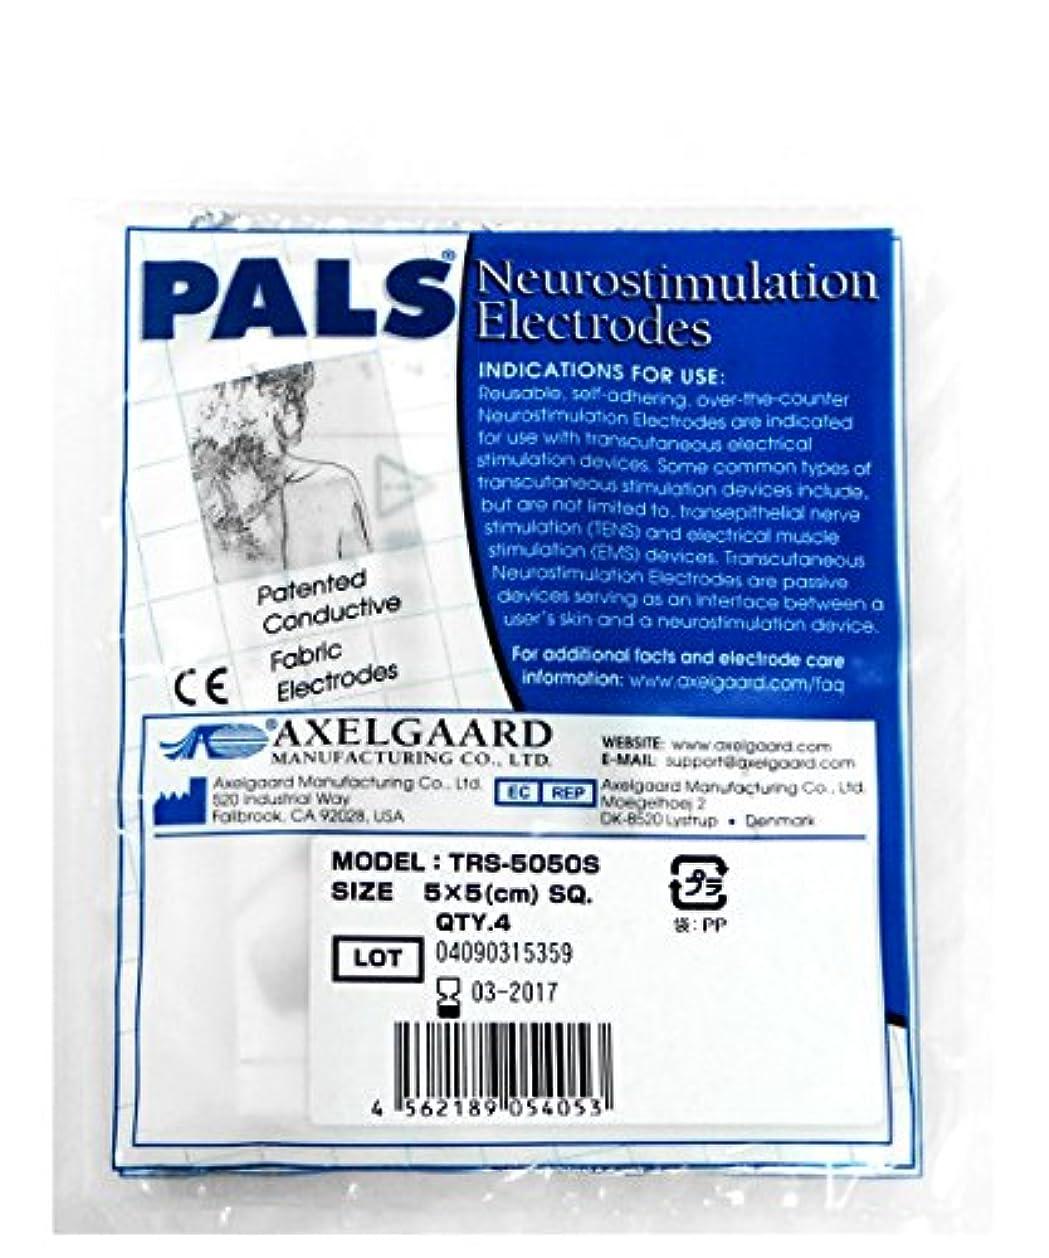 高価な幸運咽頭ベルフォーマ(Belleforme)敏感肌粘着パッド4枚入り(1袋)  TRS-5050S